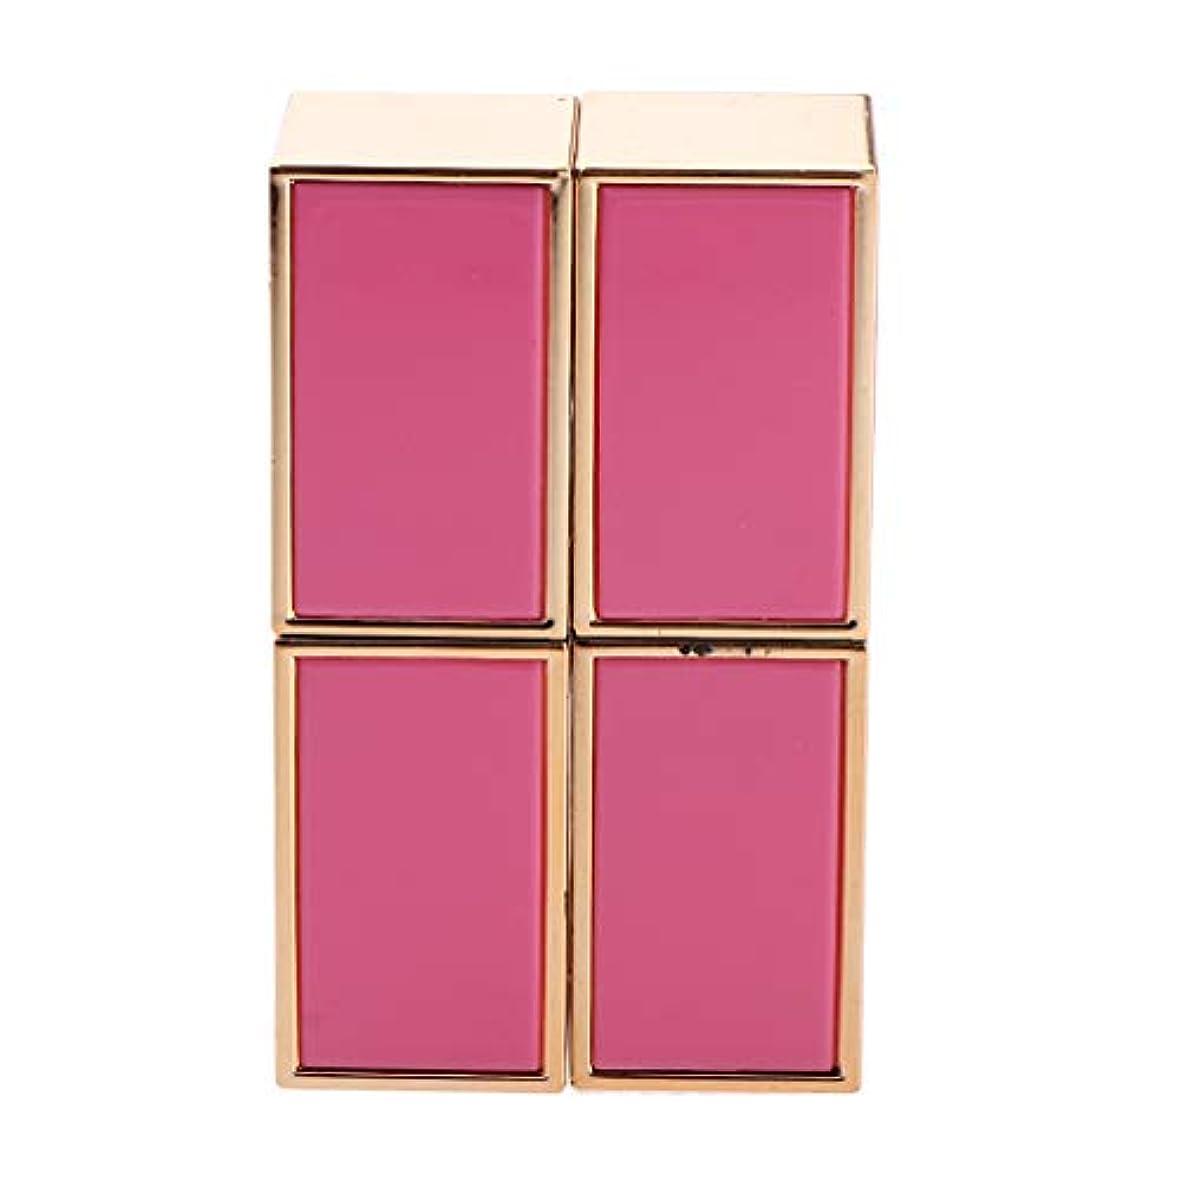 確立絶え間ないしおれた2本 口紅管 口紅チューブ DIY リップバーム/リップスティック 手作り化粧品 2色選べ - ピンク